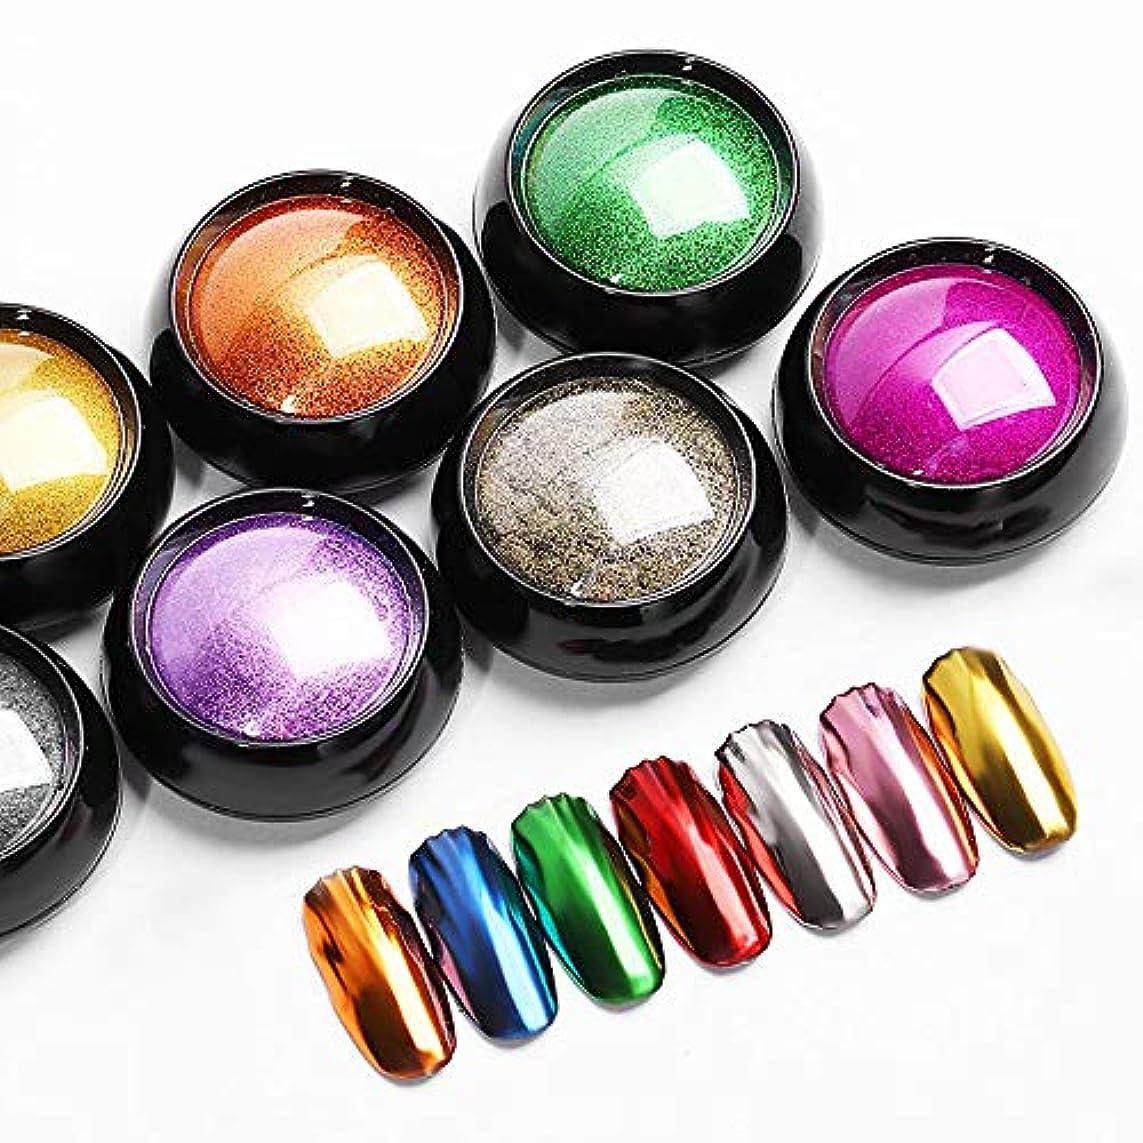 LWBTOSEE ネイルアート ネイルパウダー カラーパウダー ネオンパウダー 鏡面 3Dアート 金属調 かわいい レーザー風 12色セット